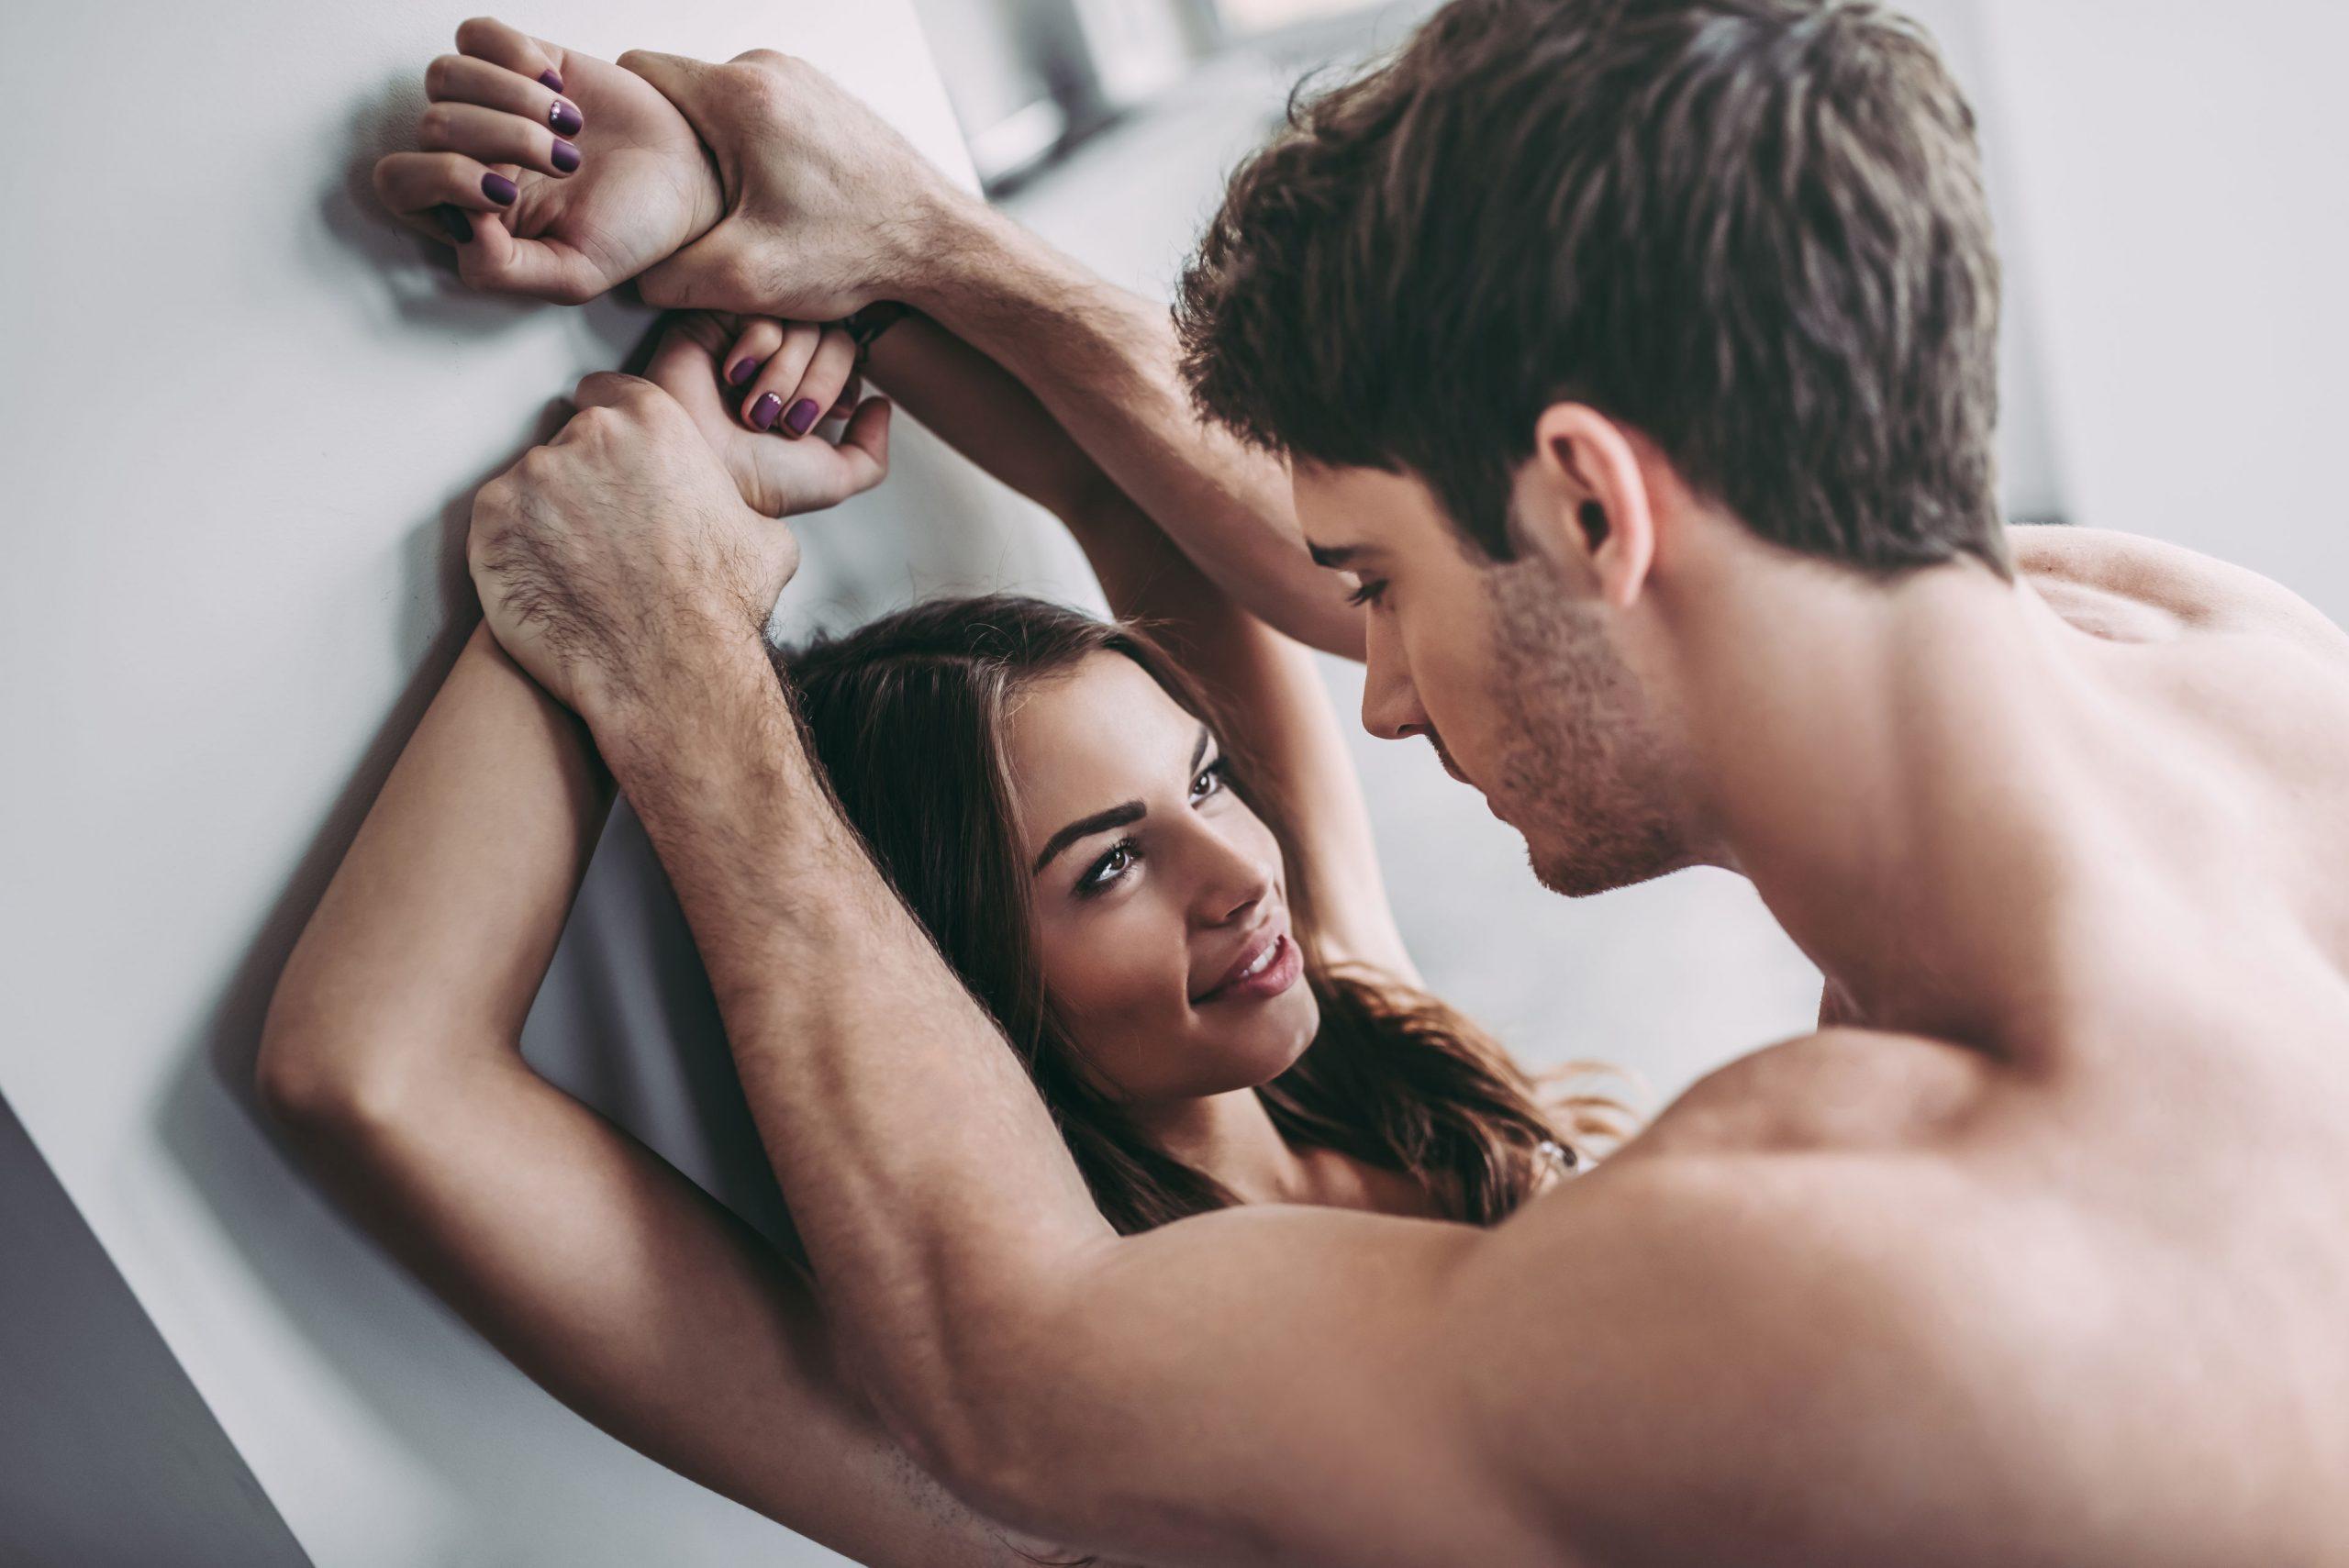 самые интересные позы в сексе